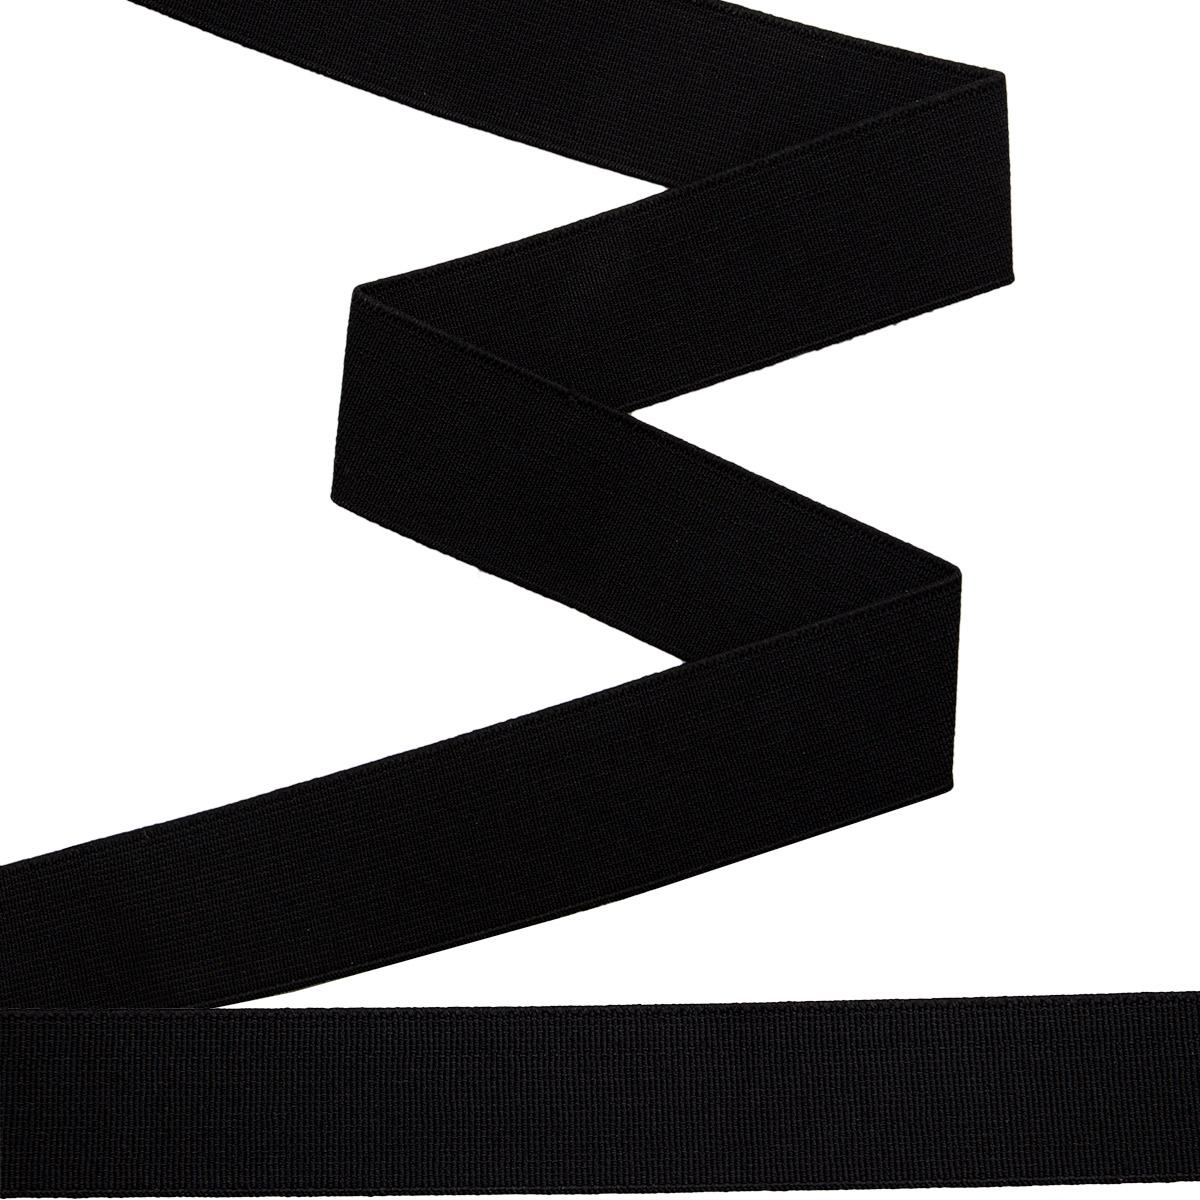 955301 Прочная эластичная лента 30 мм черный цв. *10м. Prym